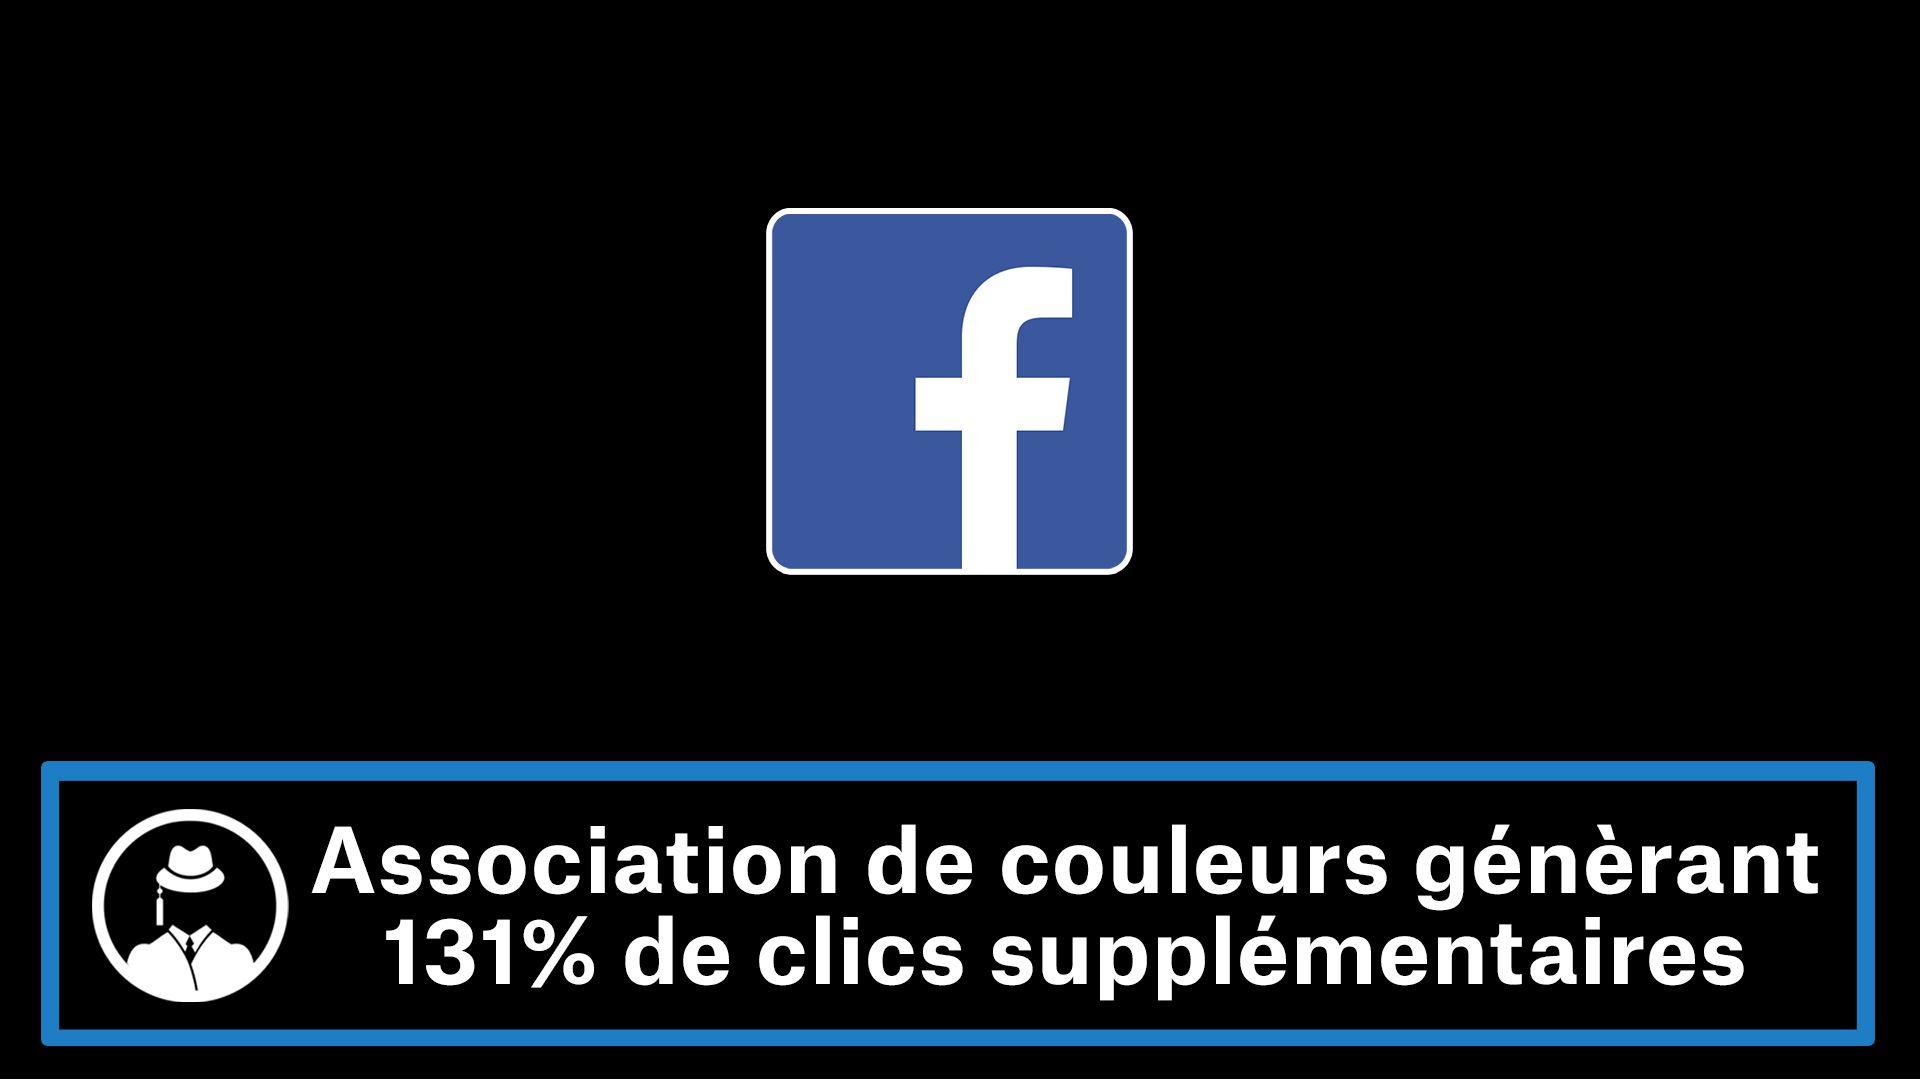 Facebook : cette association de couleurs génère 131% de clics supplémentaires #GrowthHacking #WebMarketing #FormationGrowthHacking #CentreDeFormationFrance #TunnelAARRR #AARRR #SocialMedia #CommunityManagement #SEO #MarketingDigital #SiteWeb